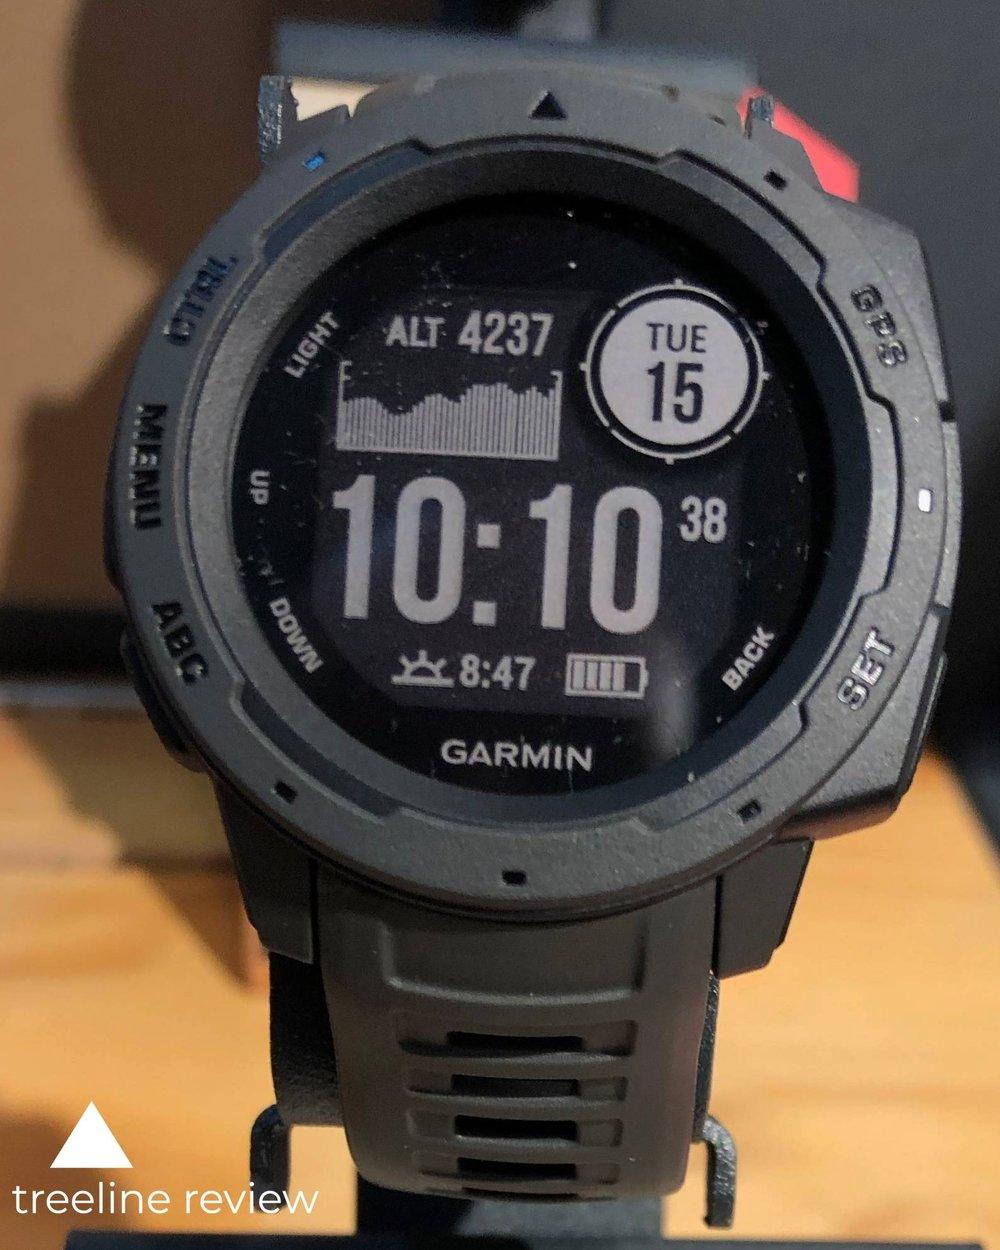 The Best altimeter Watch - Garmin InstinctRead why→